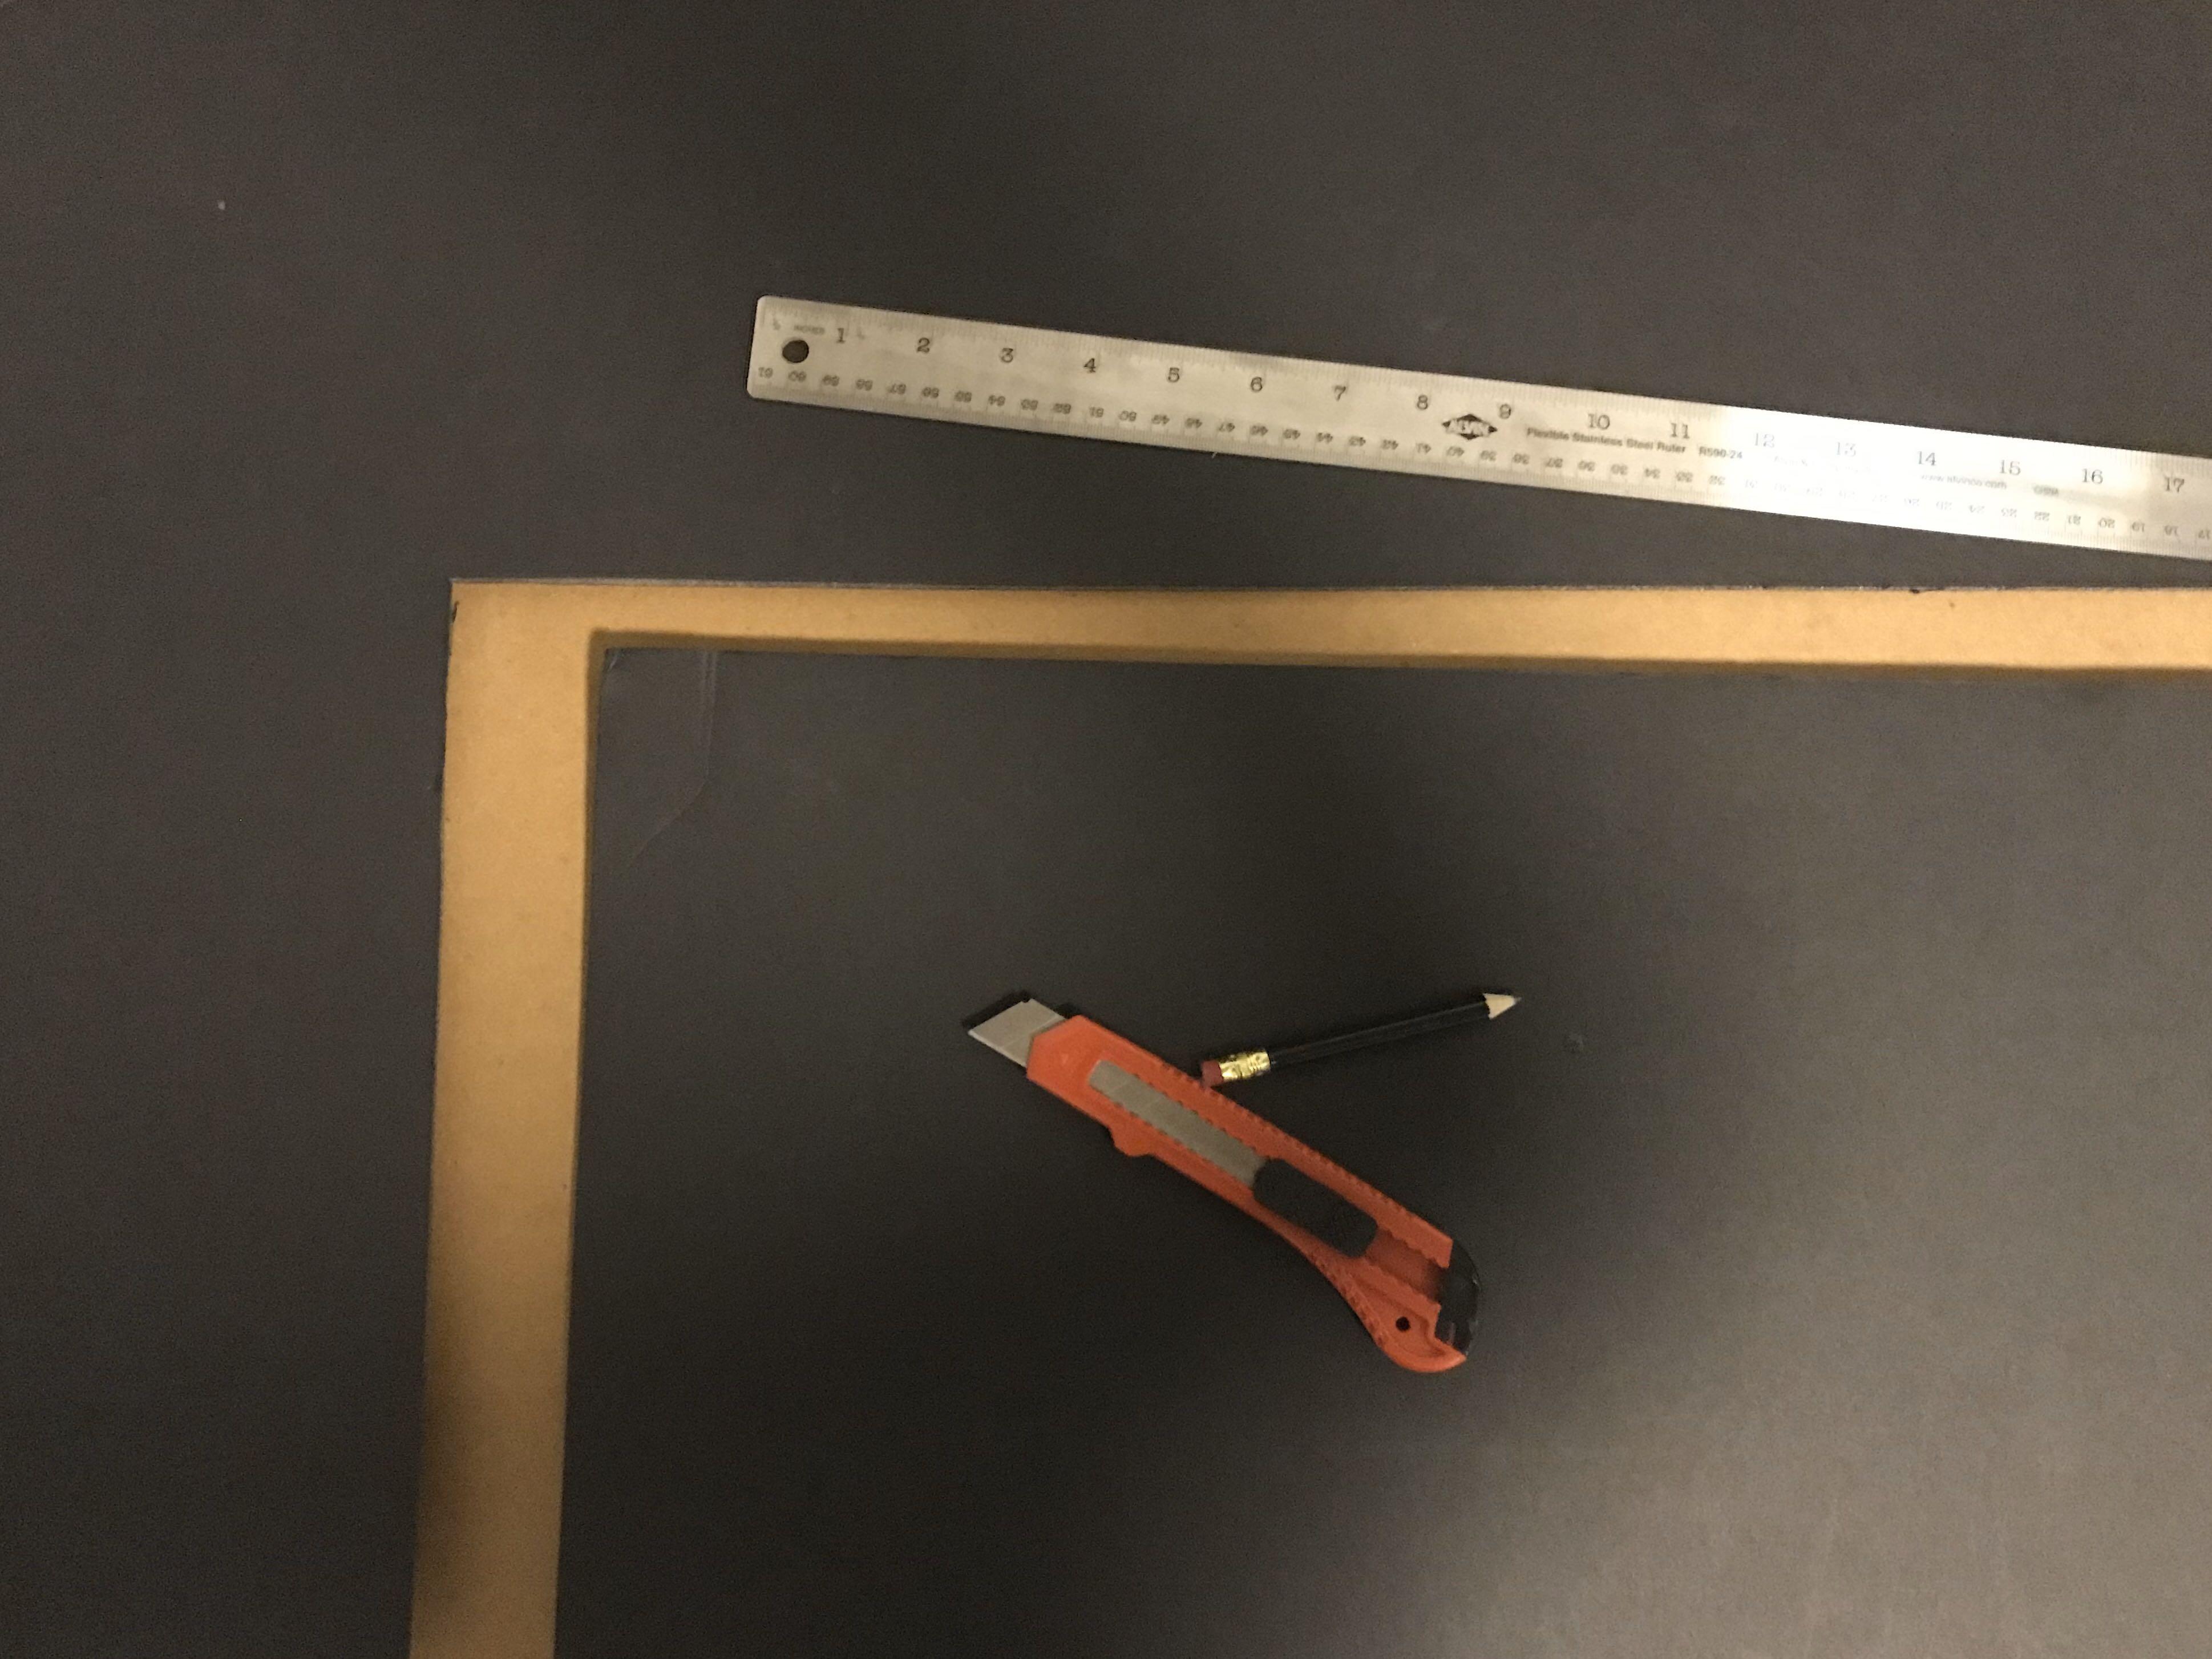 Cutting Foam Board